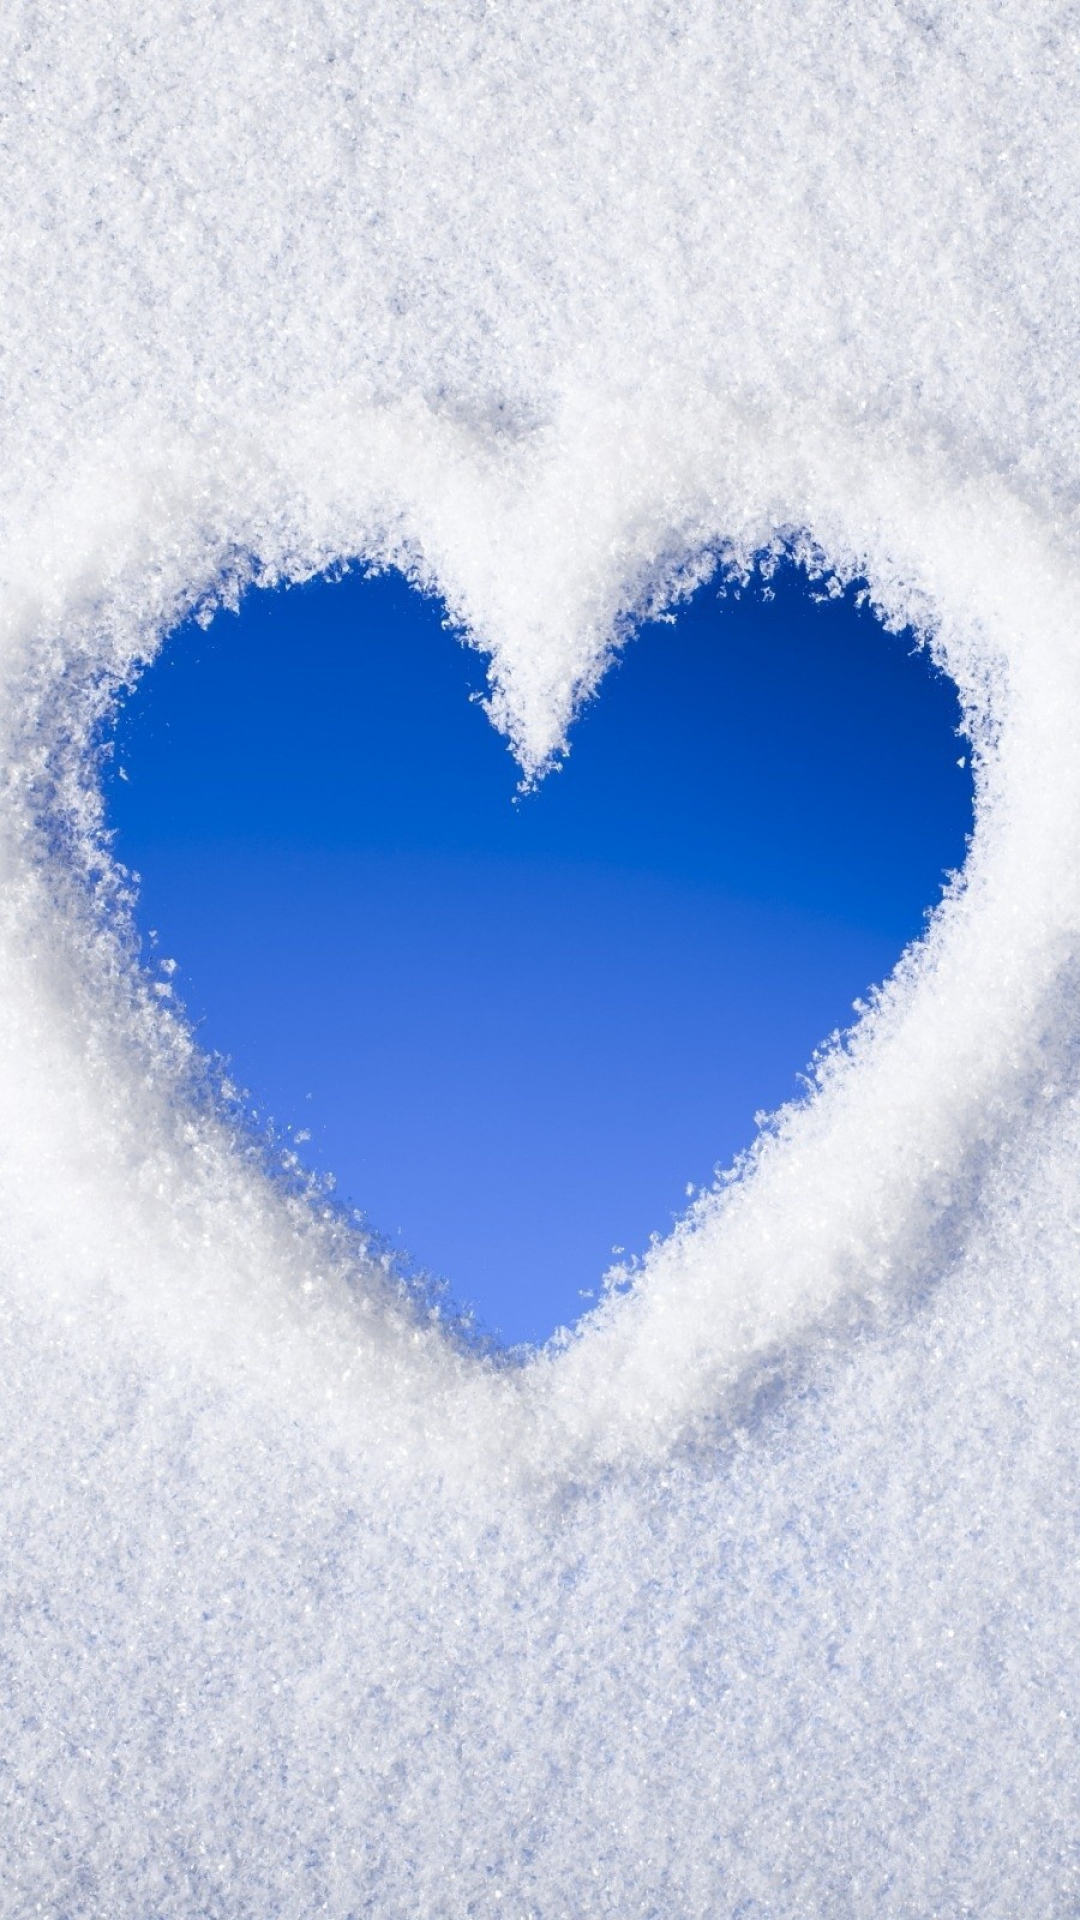 Snowy-winter-in-blue-wallpaper-wpc9009278